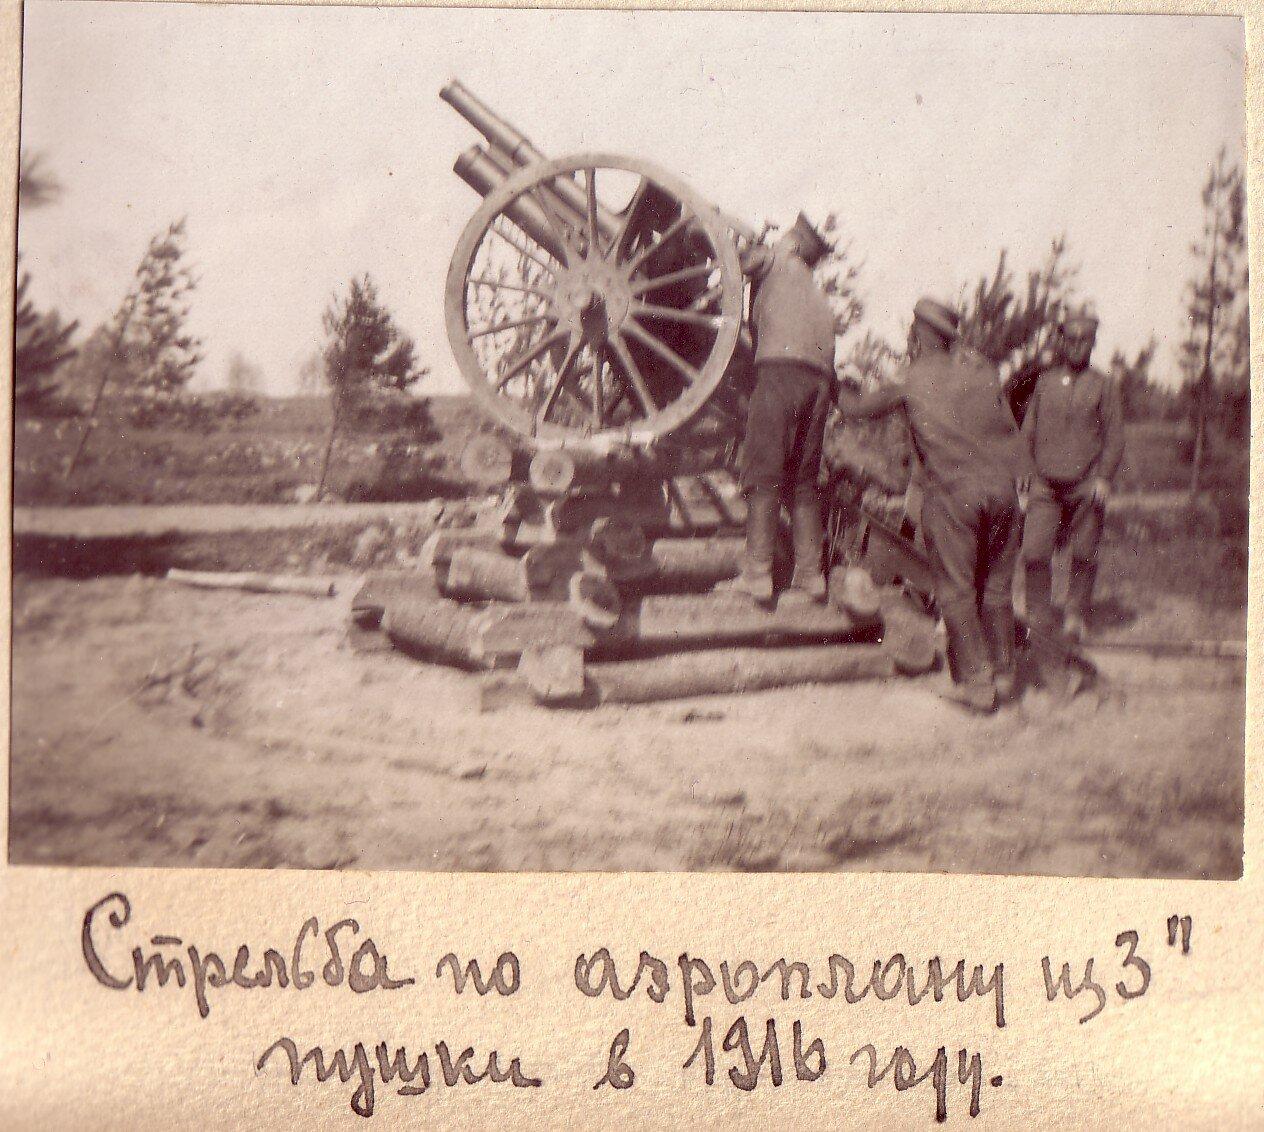 Стрельба по аэроплану из 3יי пушки в 1916 году